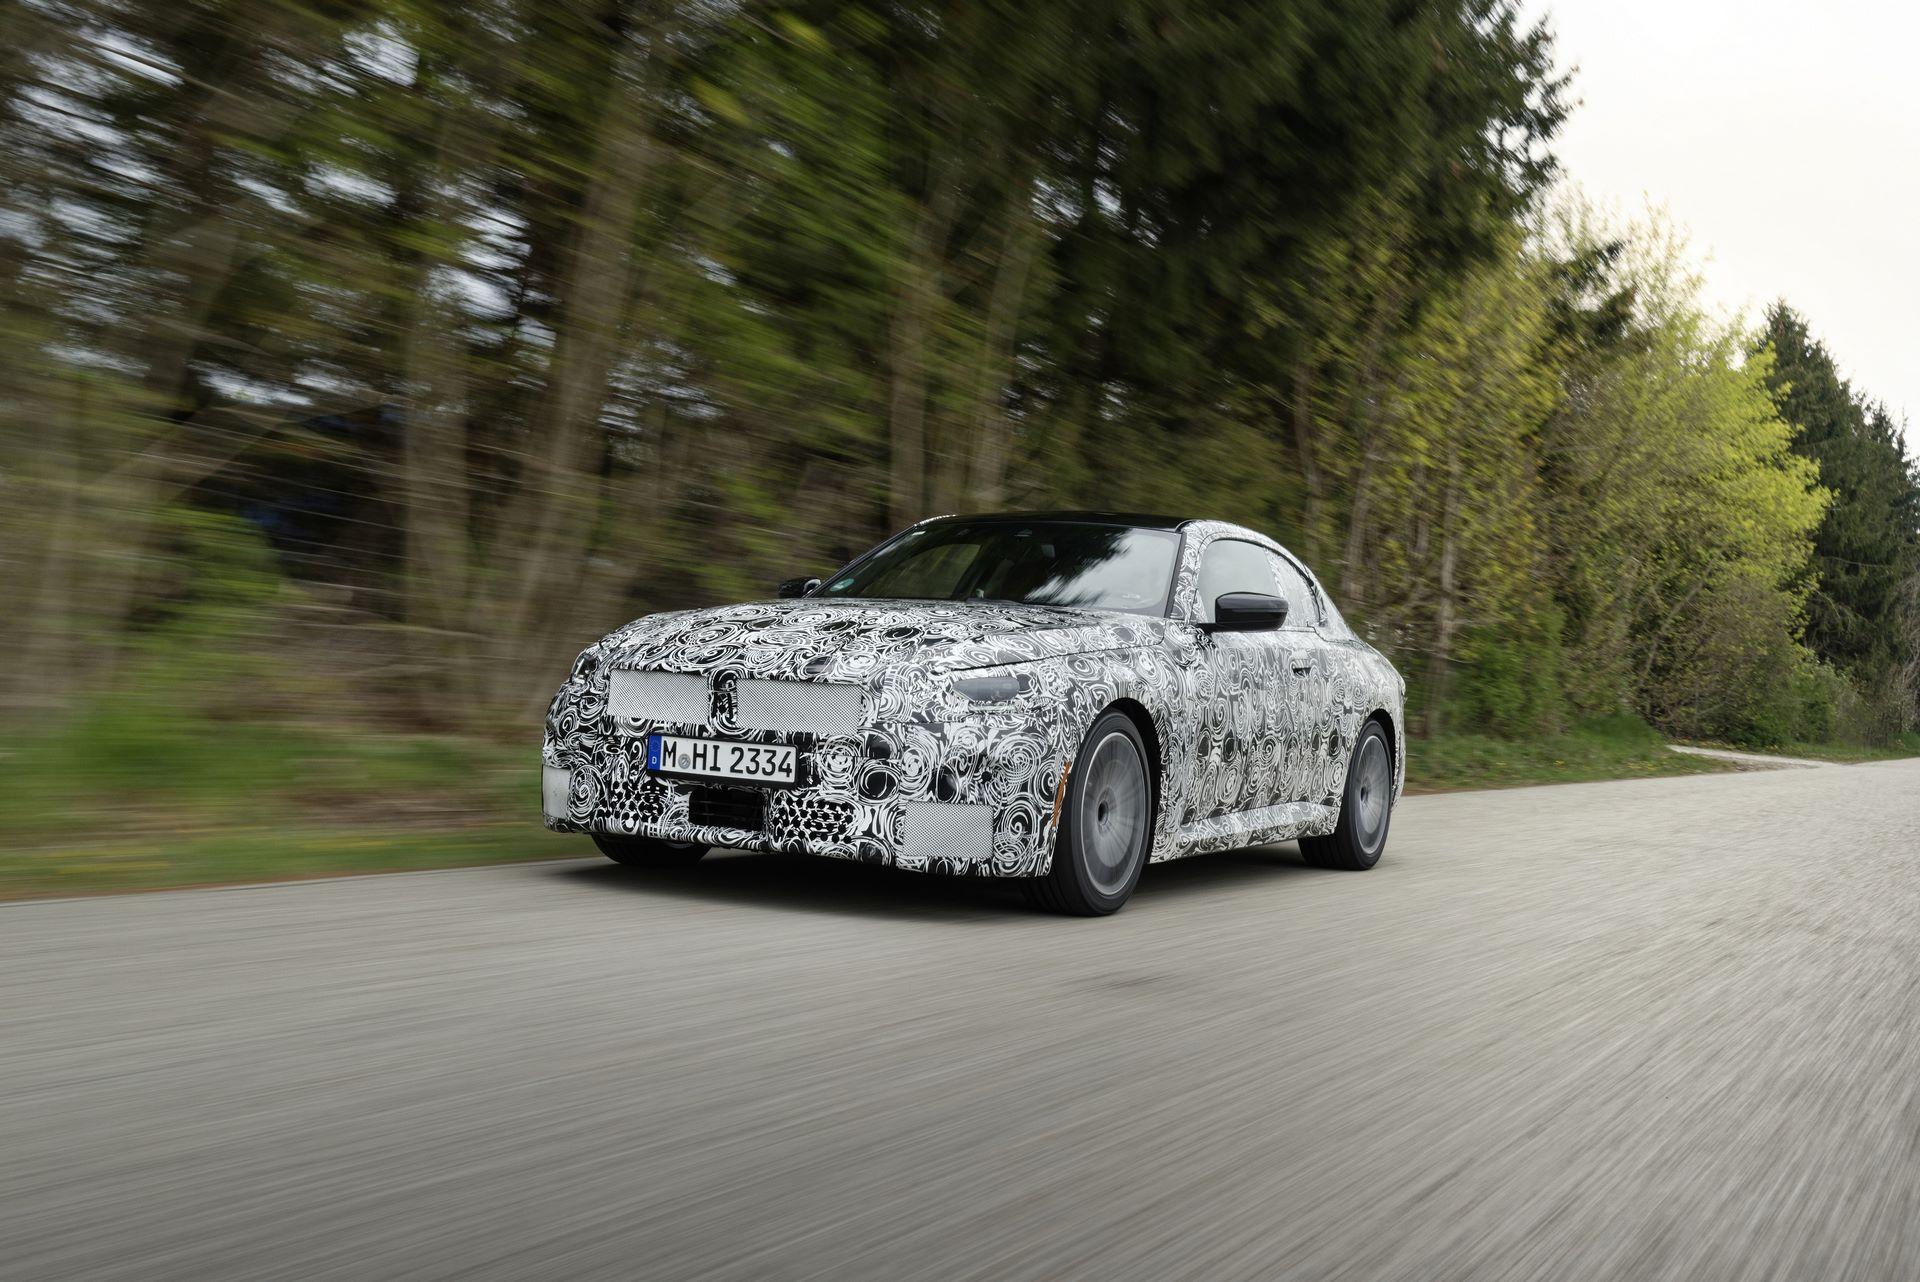 BMW-2-Series-M240i-spy-photos-30